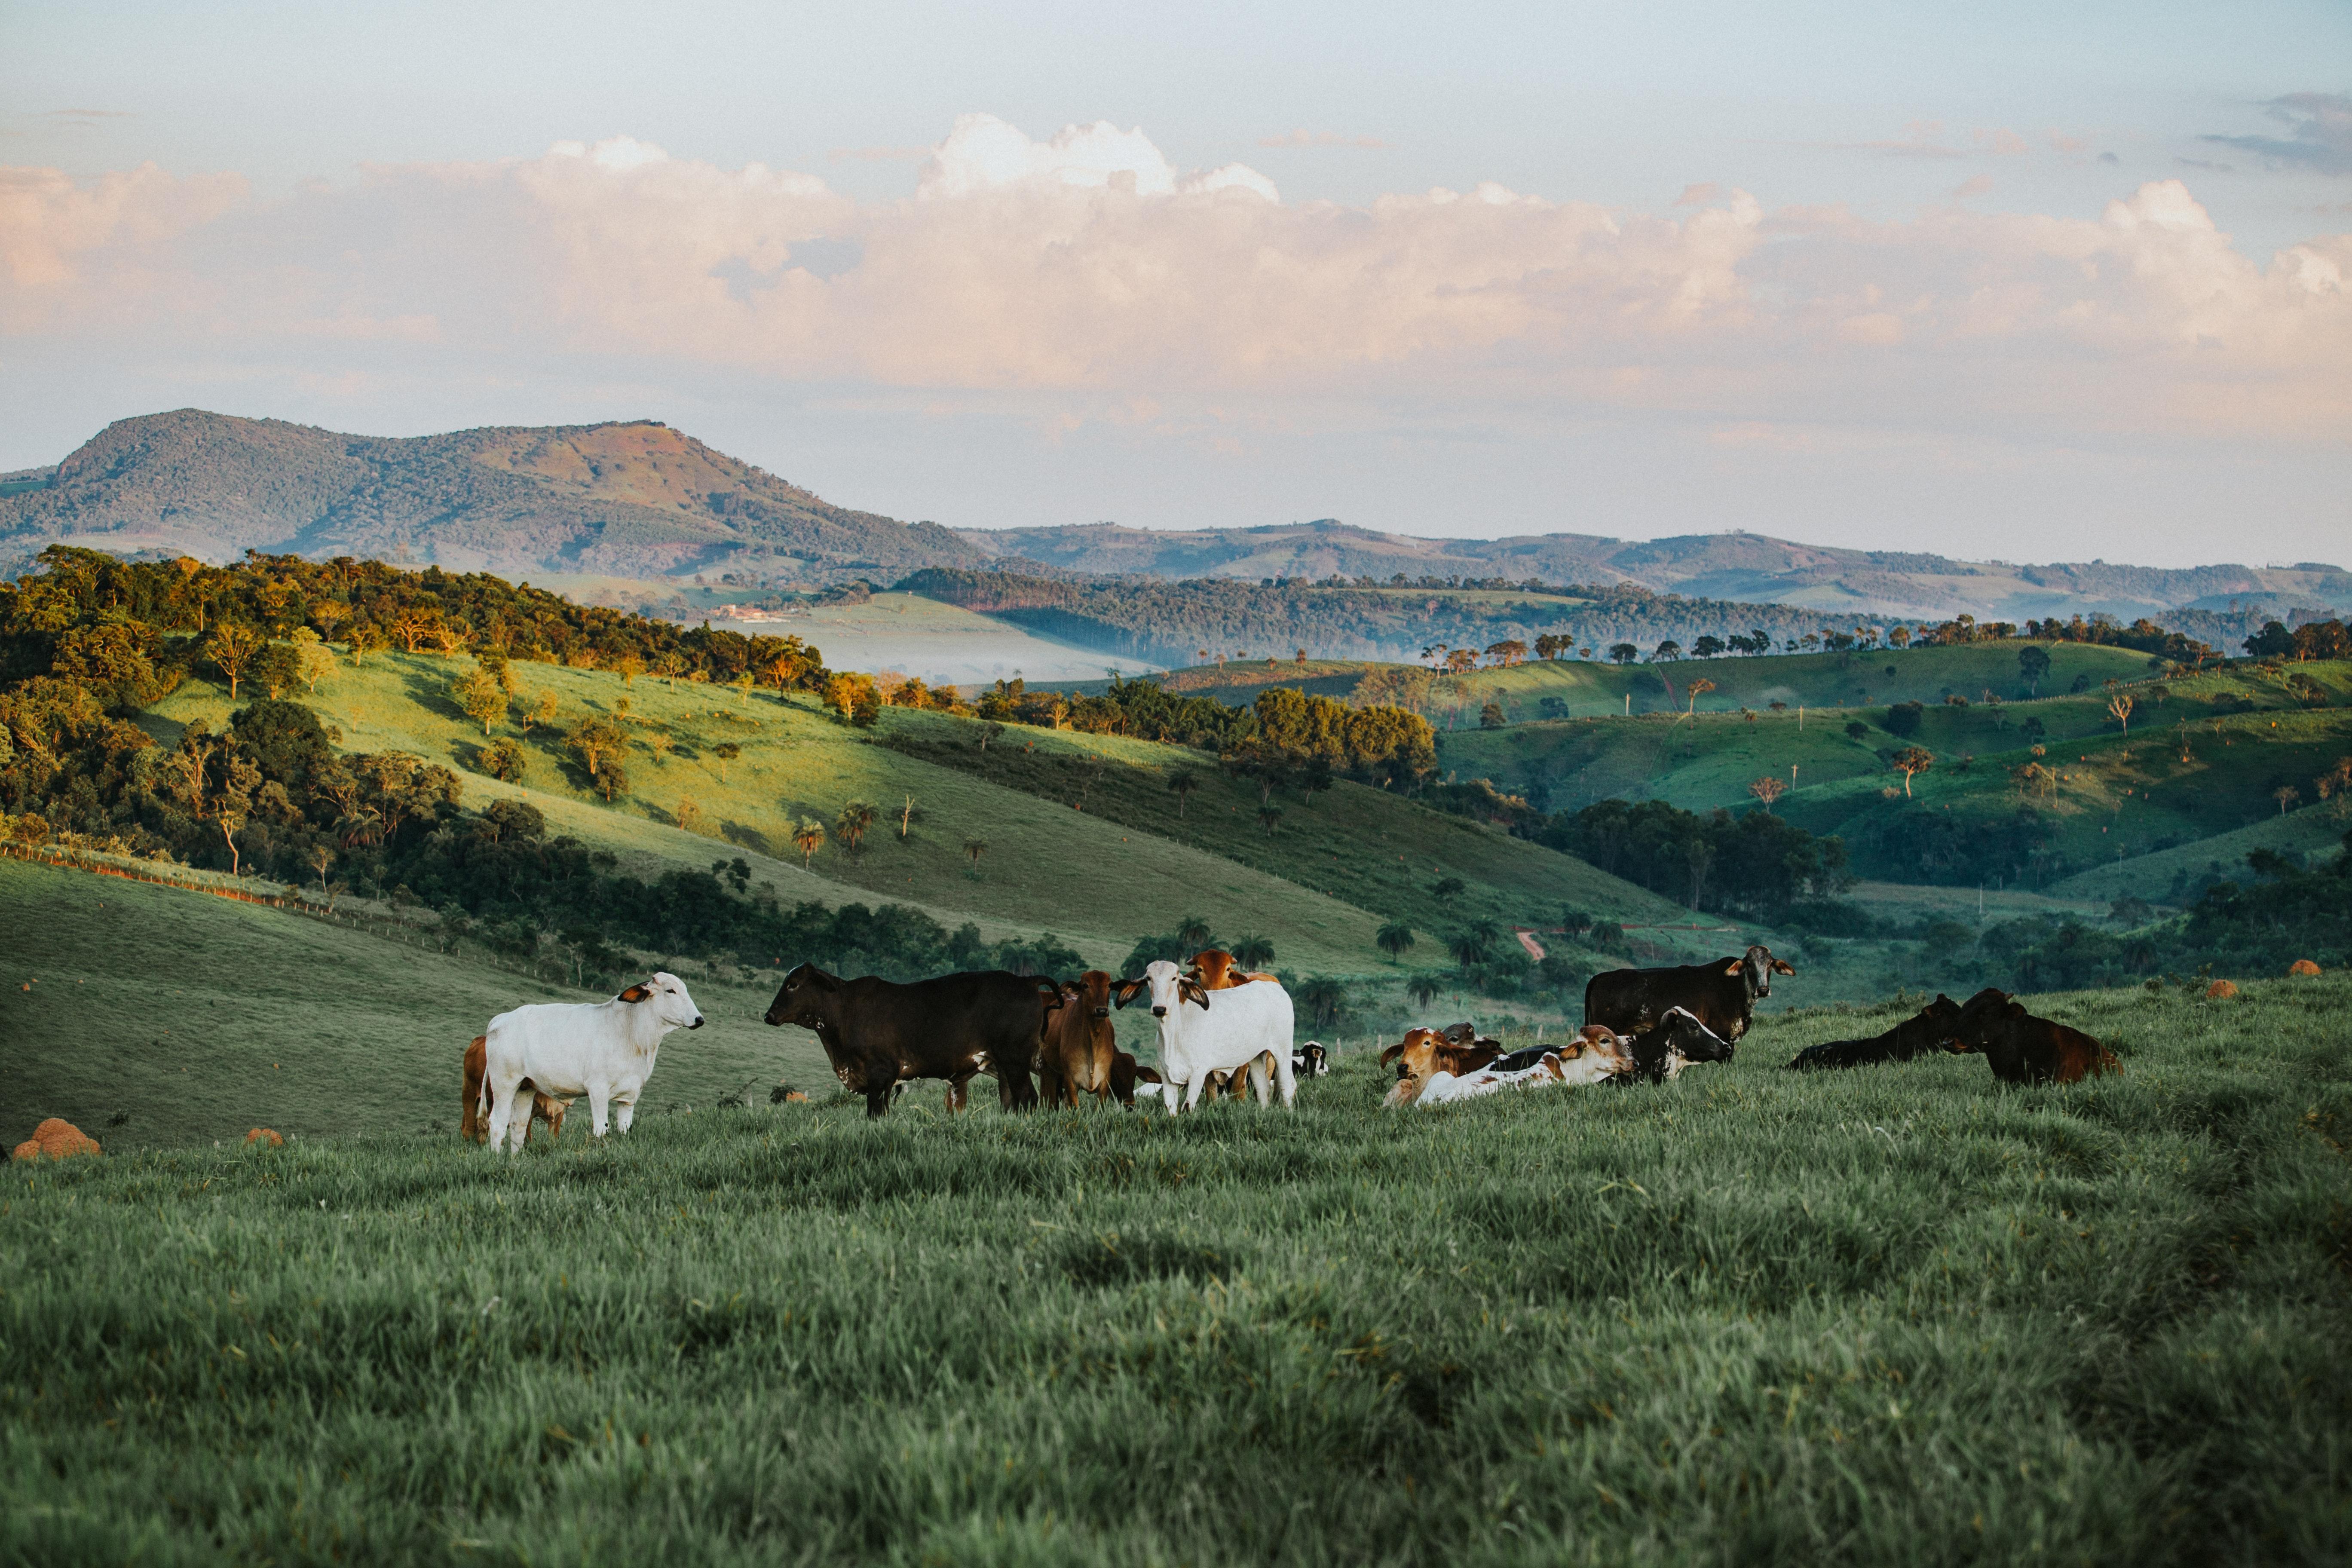 Bull cattle